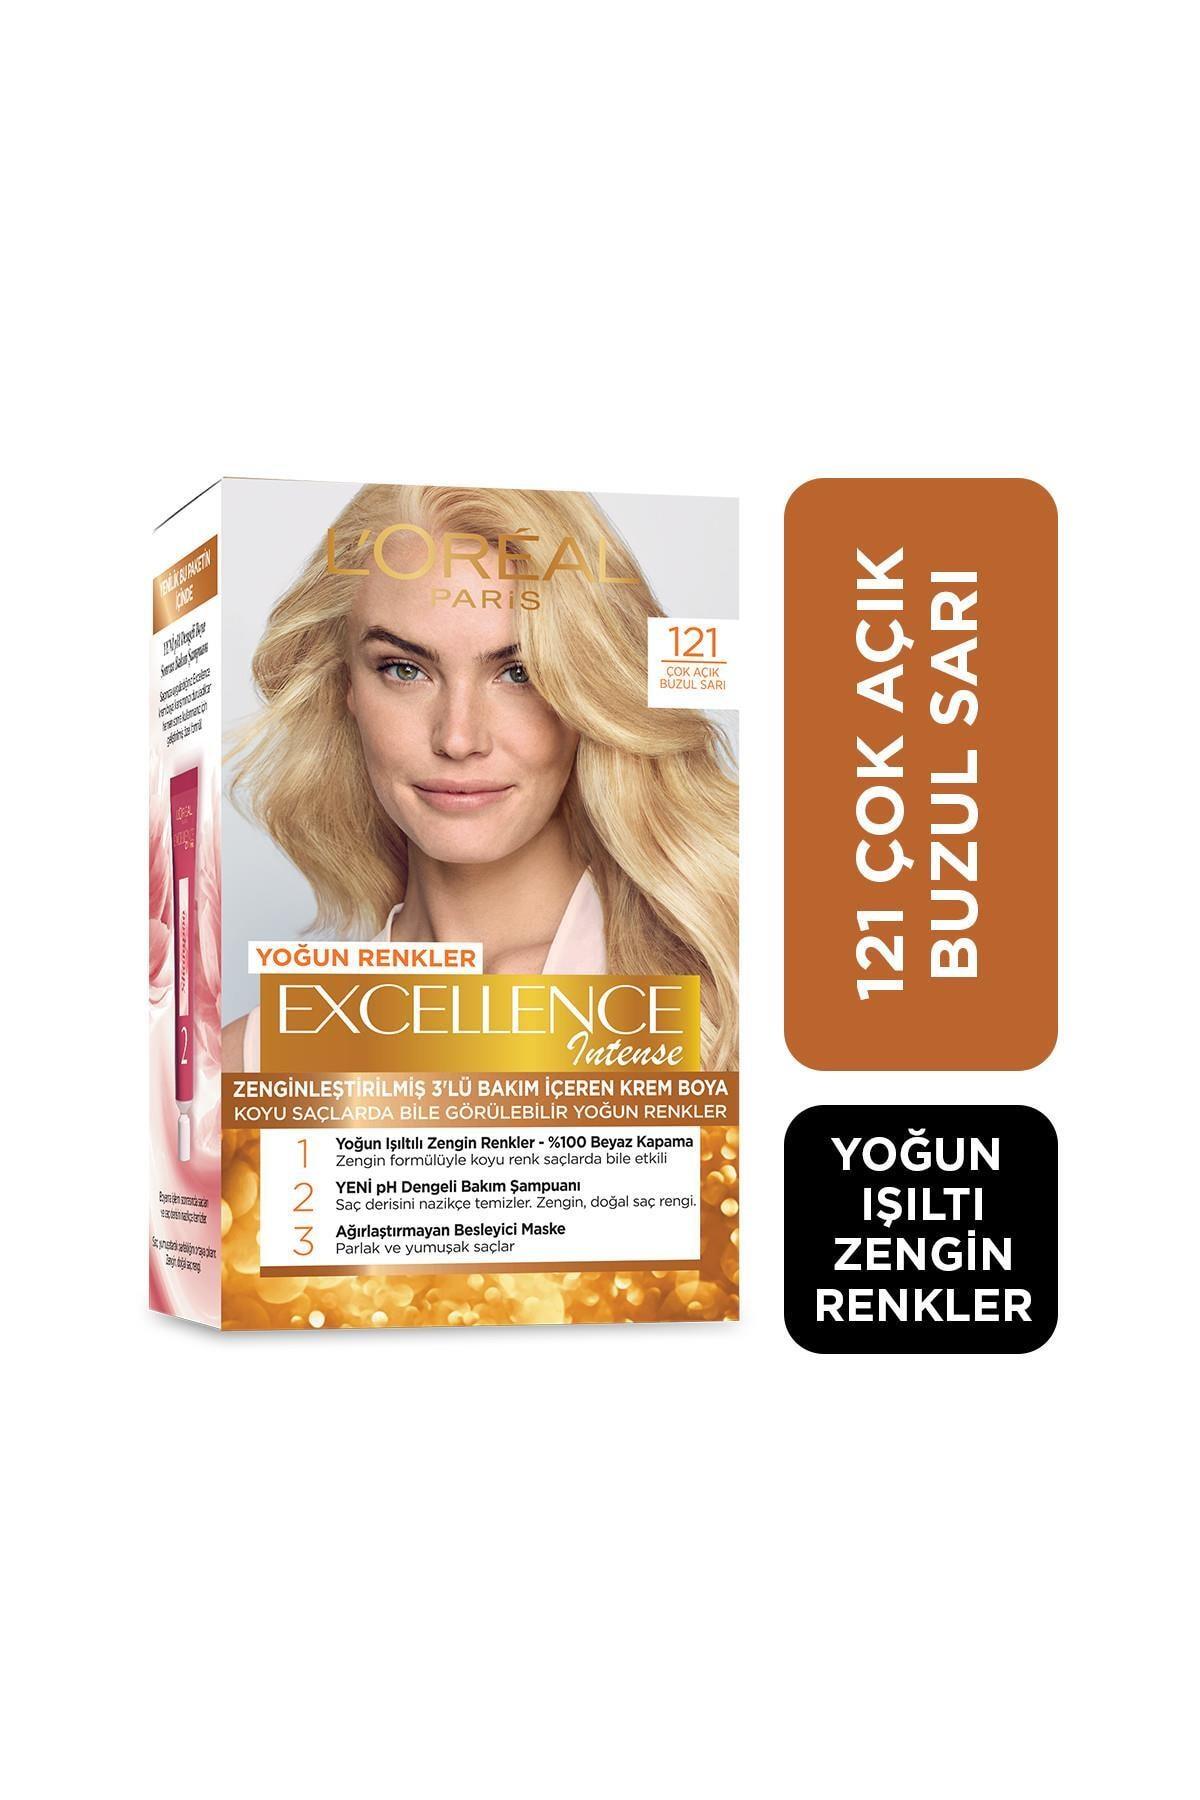 L'Oreal Paris Saç Boyası - Excellence Intense 121 Çok Açık Buzul Sarı 3600523165858 0